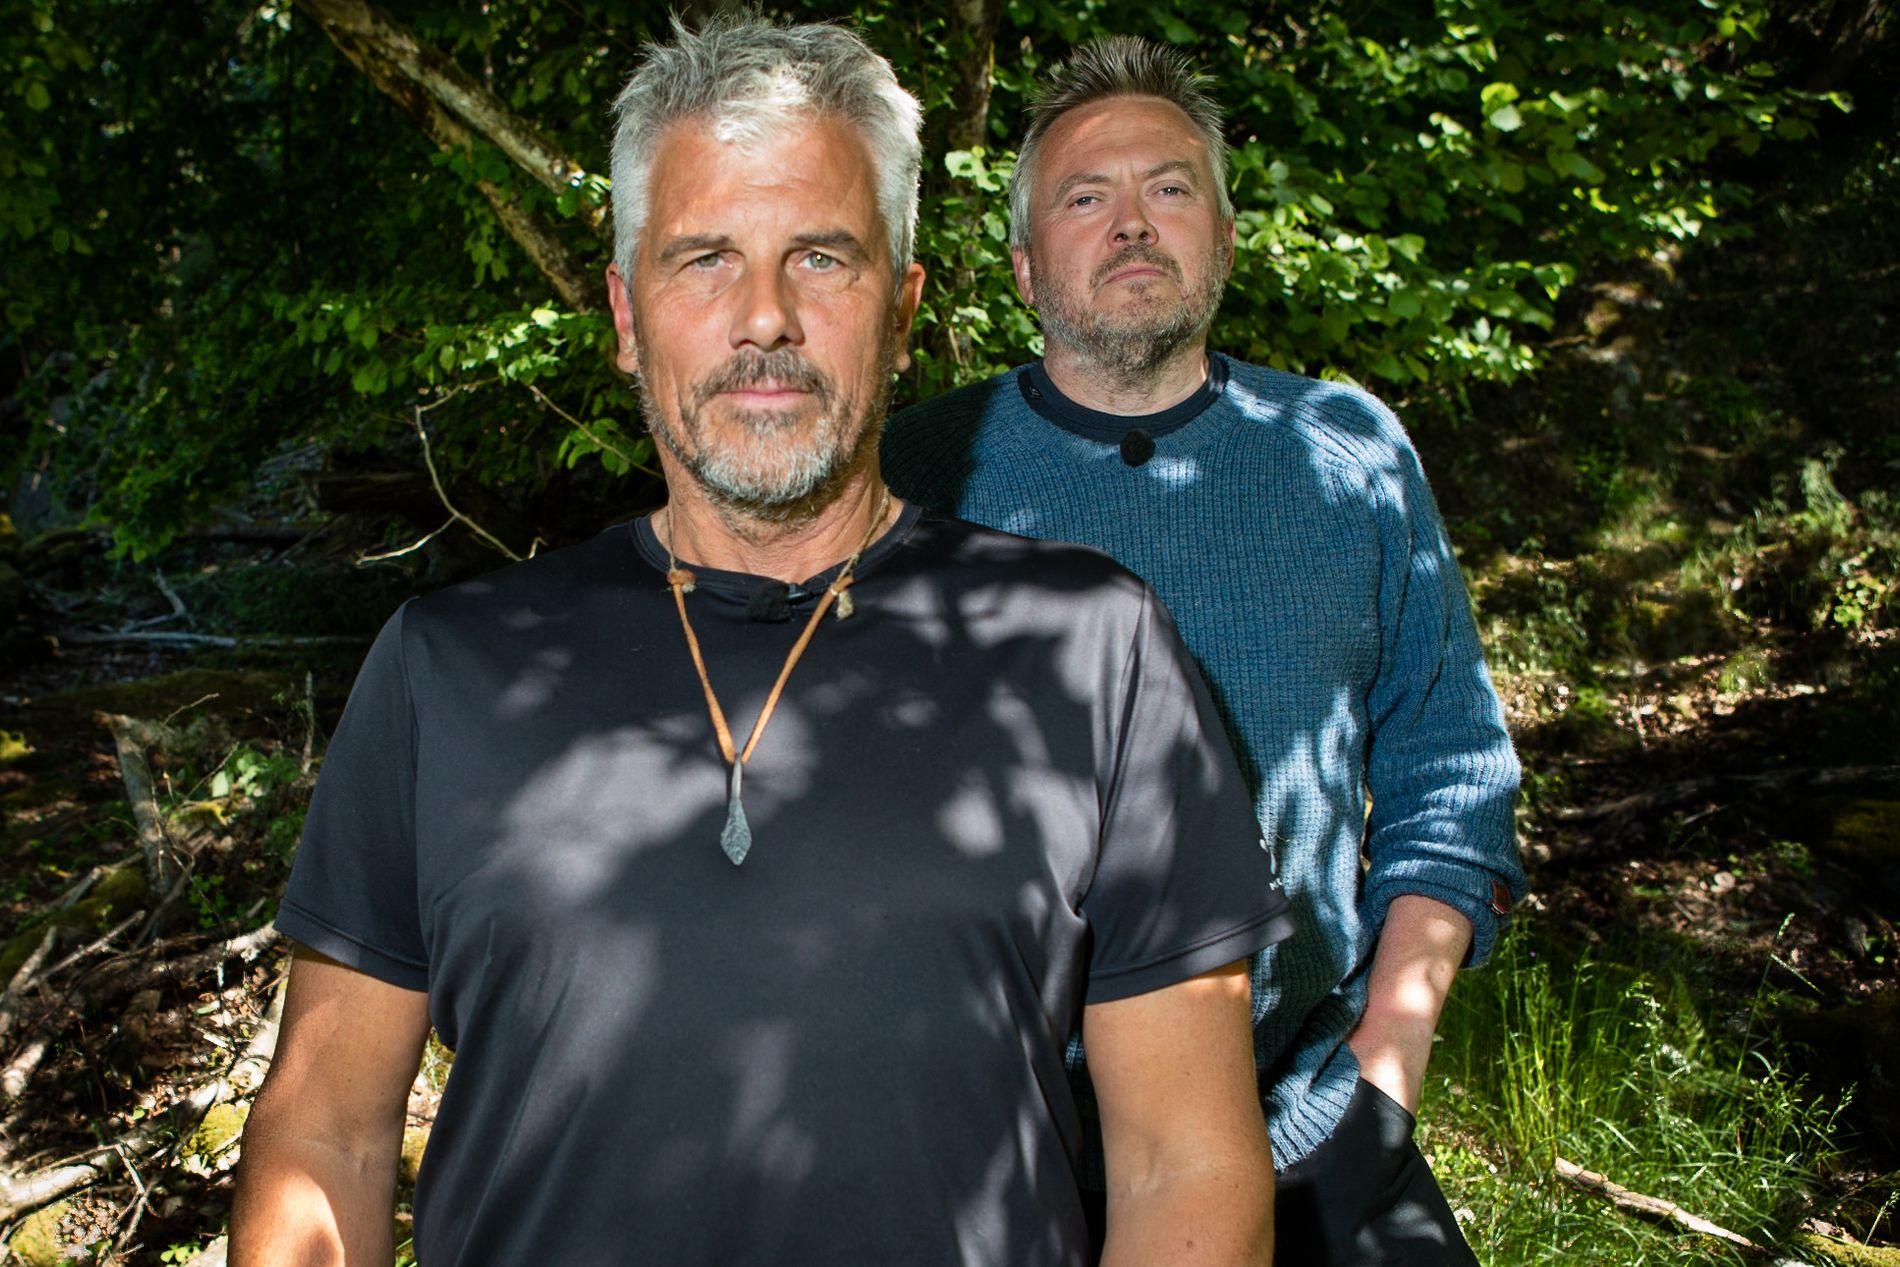 MOTSTANDERE: Jarl Goli (59) og Lars Barmen (53) møtte hverandre i tvekamp i søndagens episode av «Farmen kjendis».